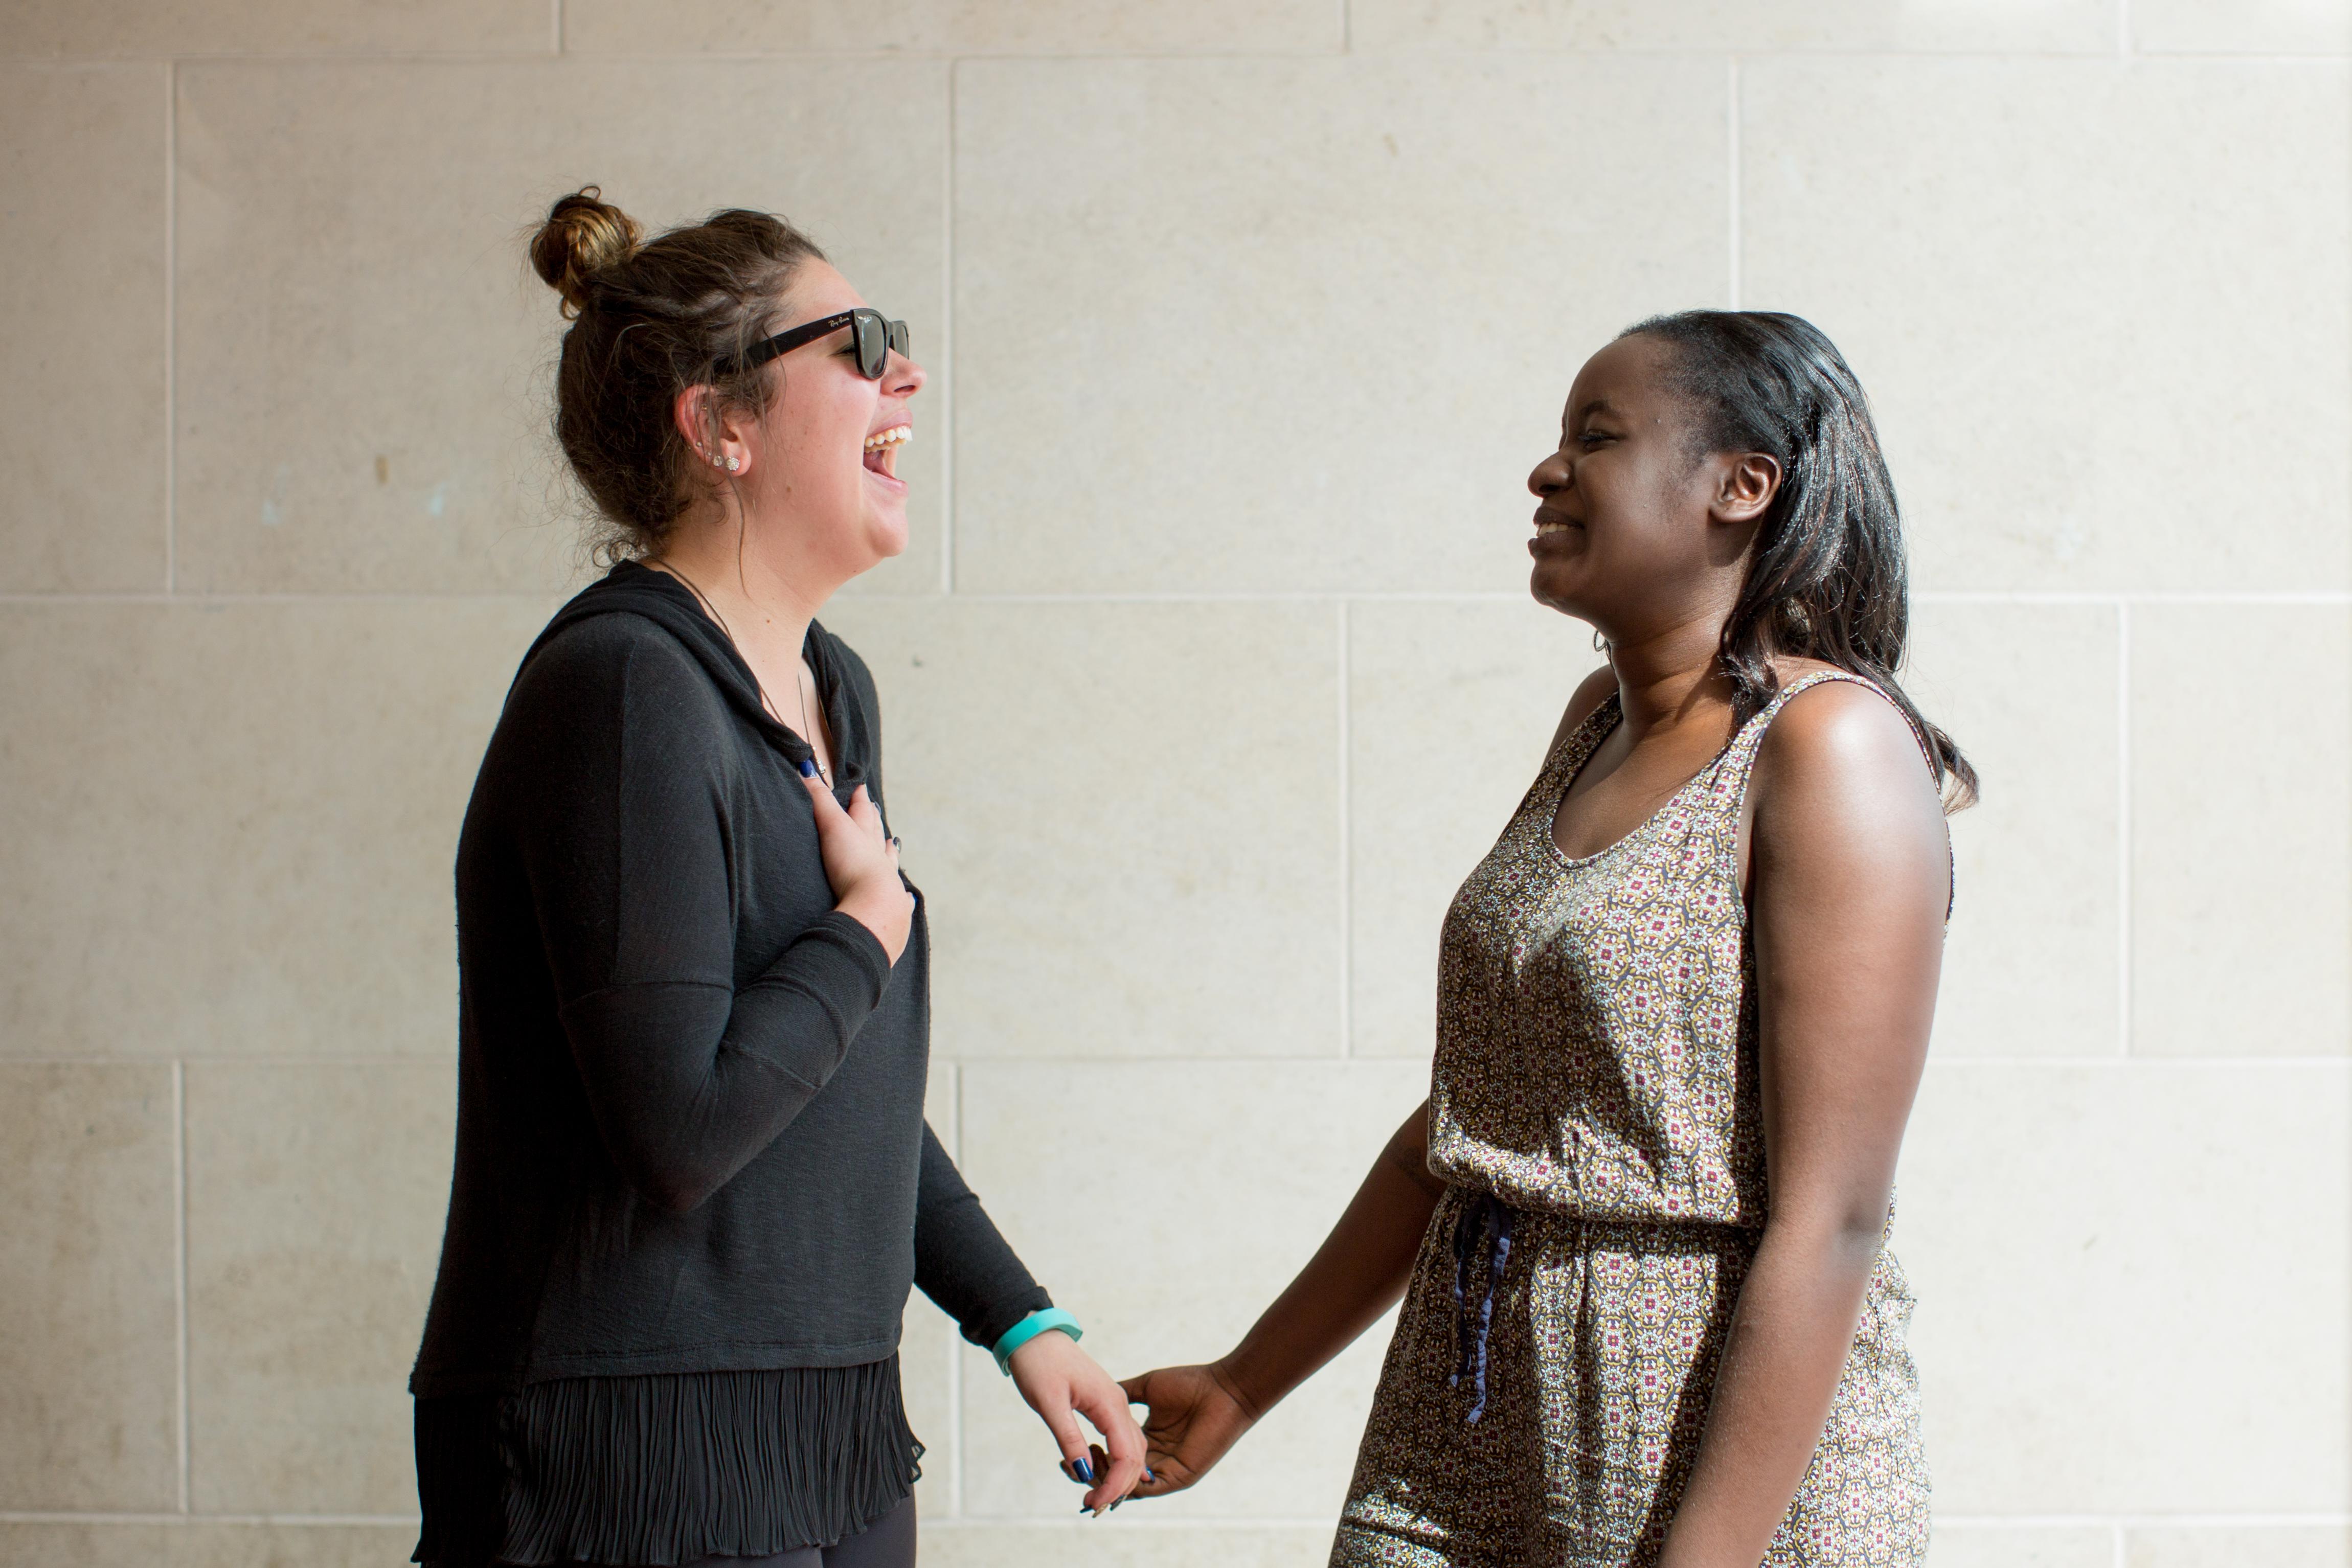 Michelle Peysakhovich, Michelle Oboro, Casting Call, Fall 2015